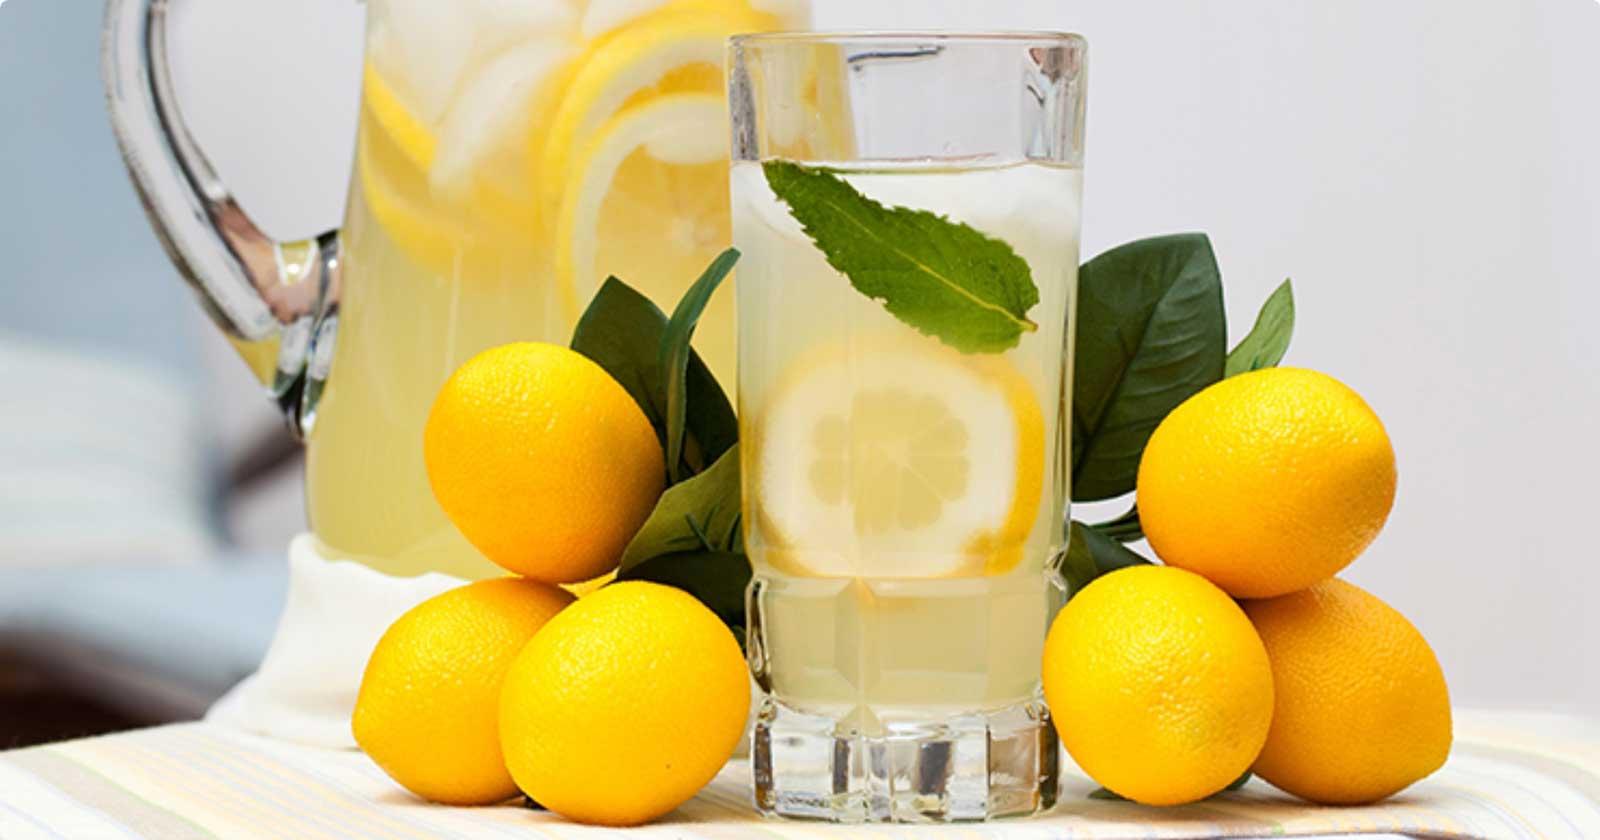 Buvez du jus de citron chaud dès que vous vous réveillez